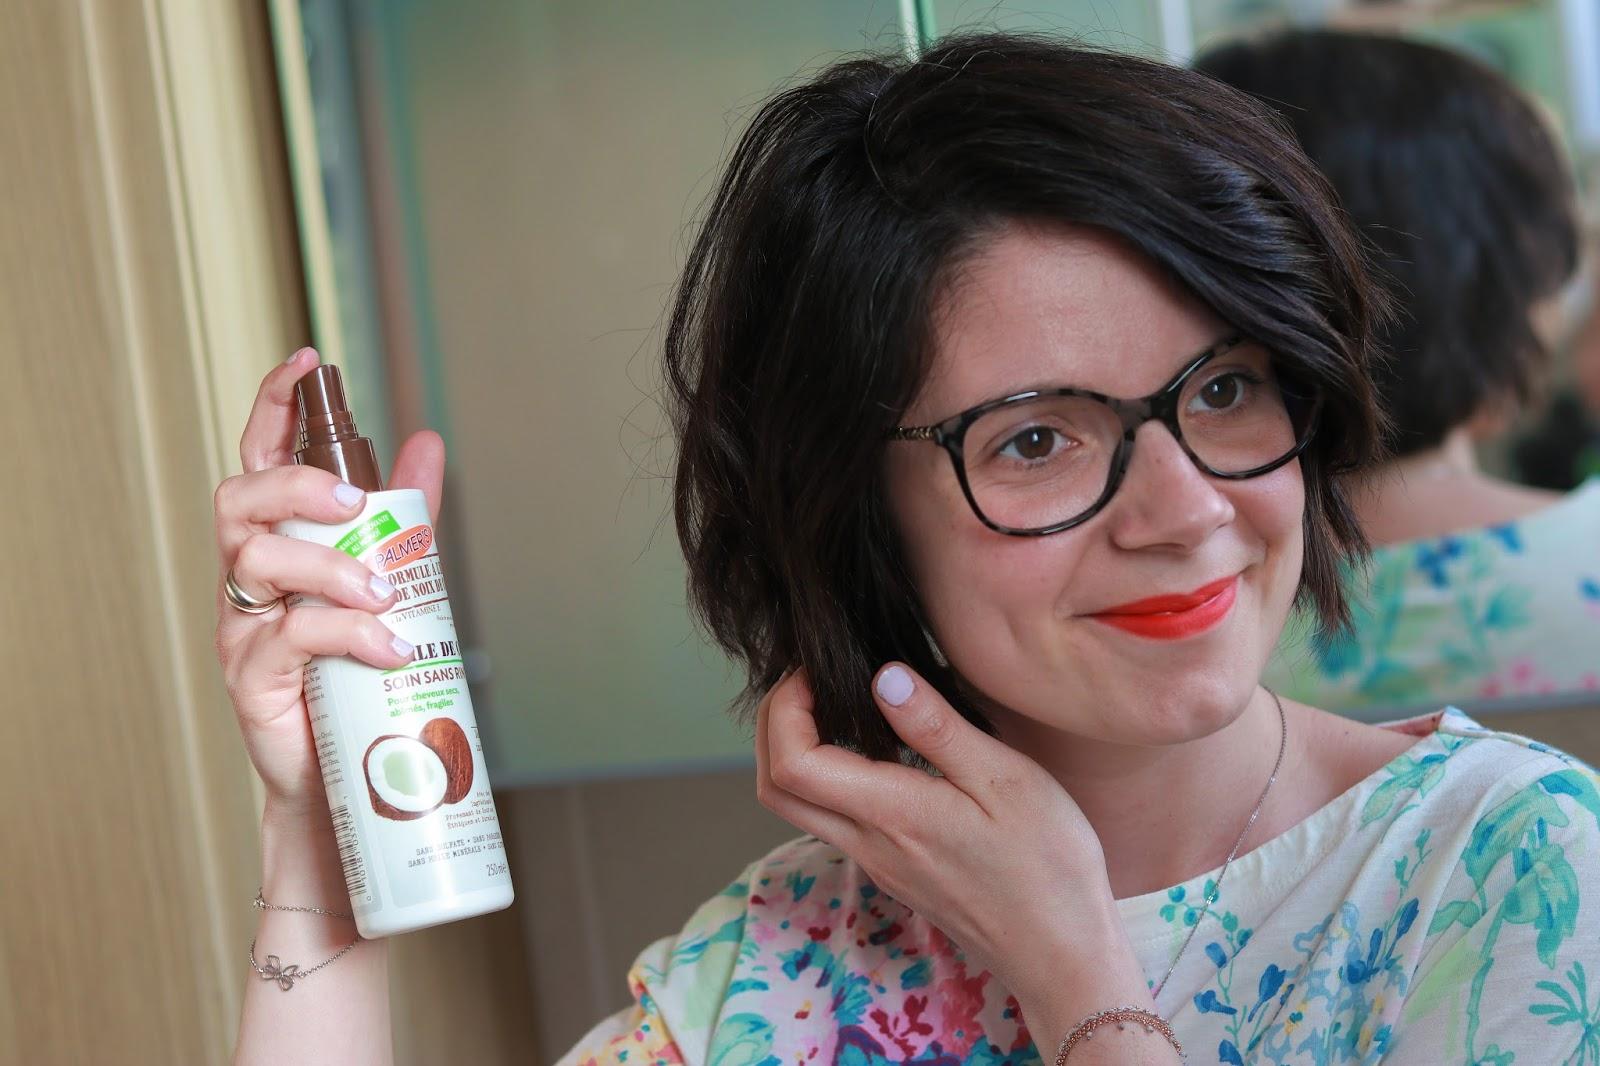 palmers palmer's huile de noix de coco gamme beaute sans parabene avis positif victoires de la beauté les gommettes de melo shampoing lait